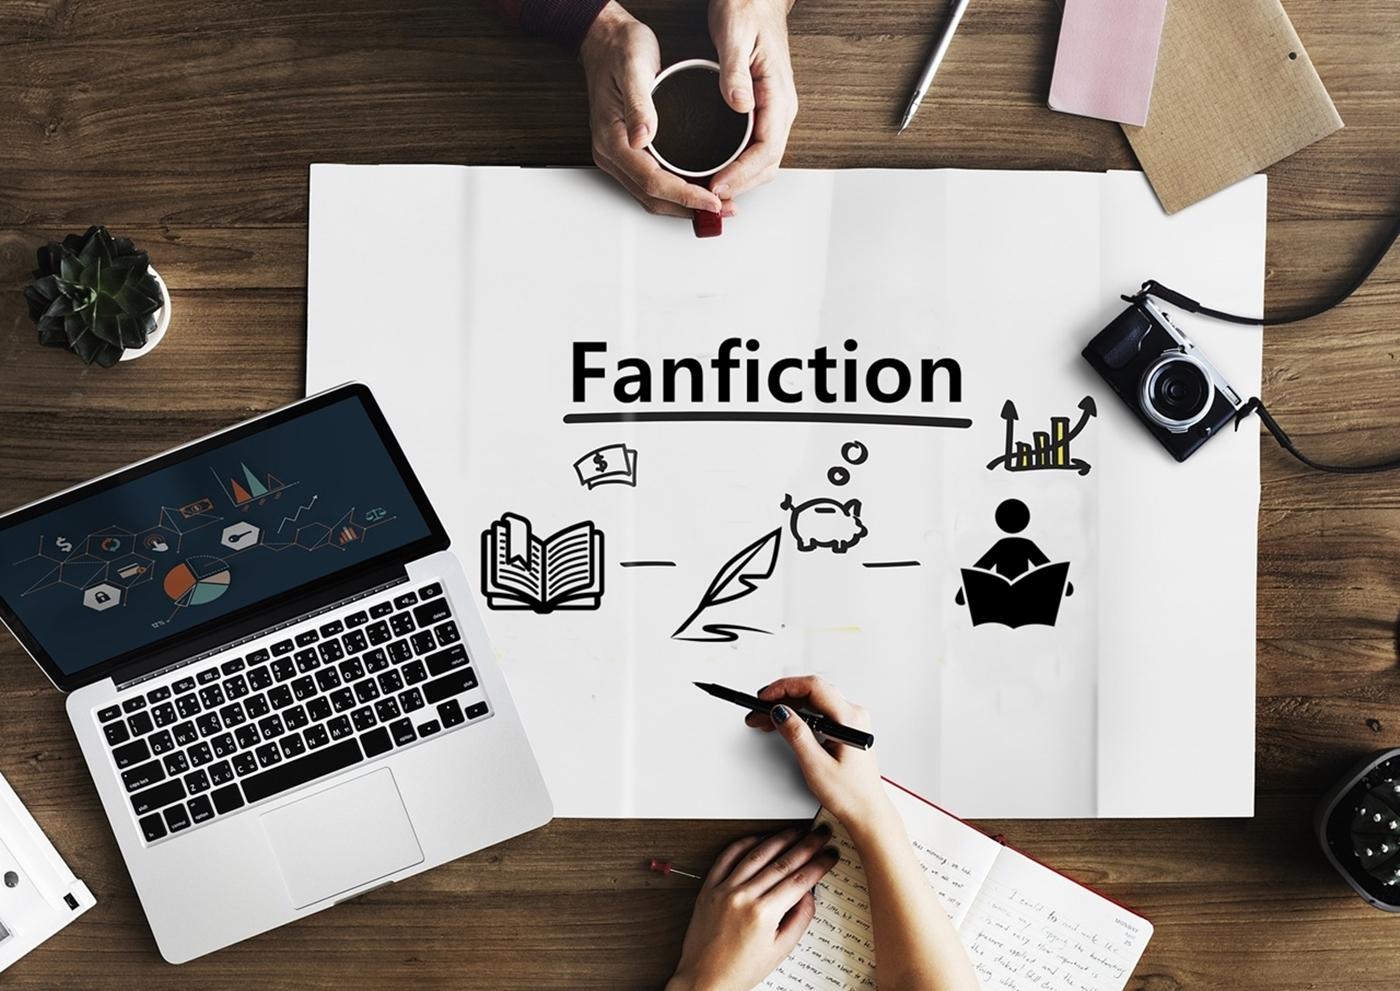 Neves szerzők, akik fanfictionben utaztak